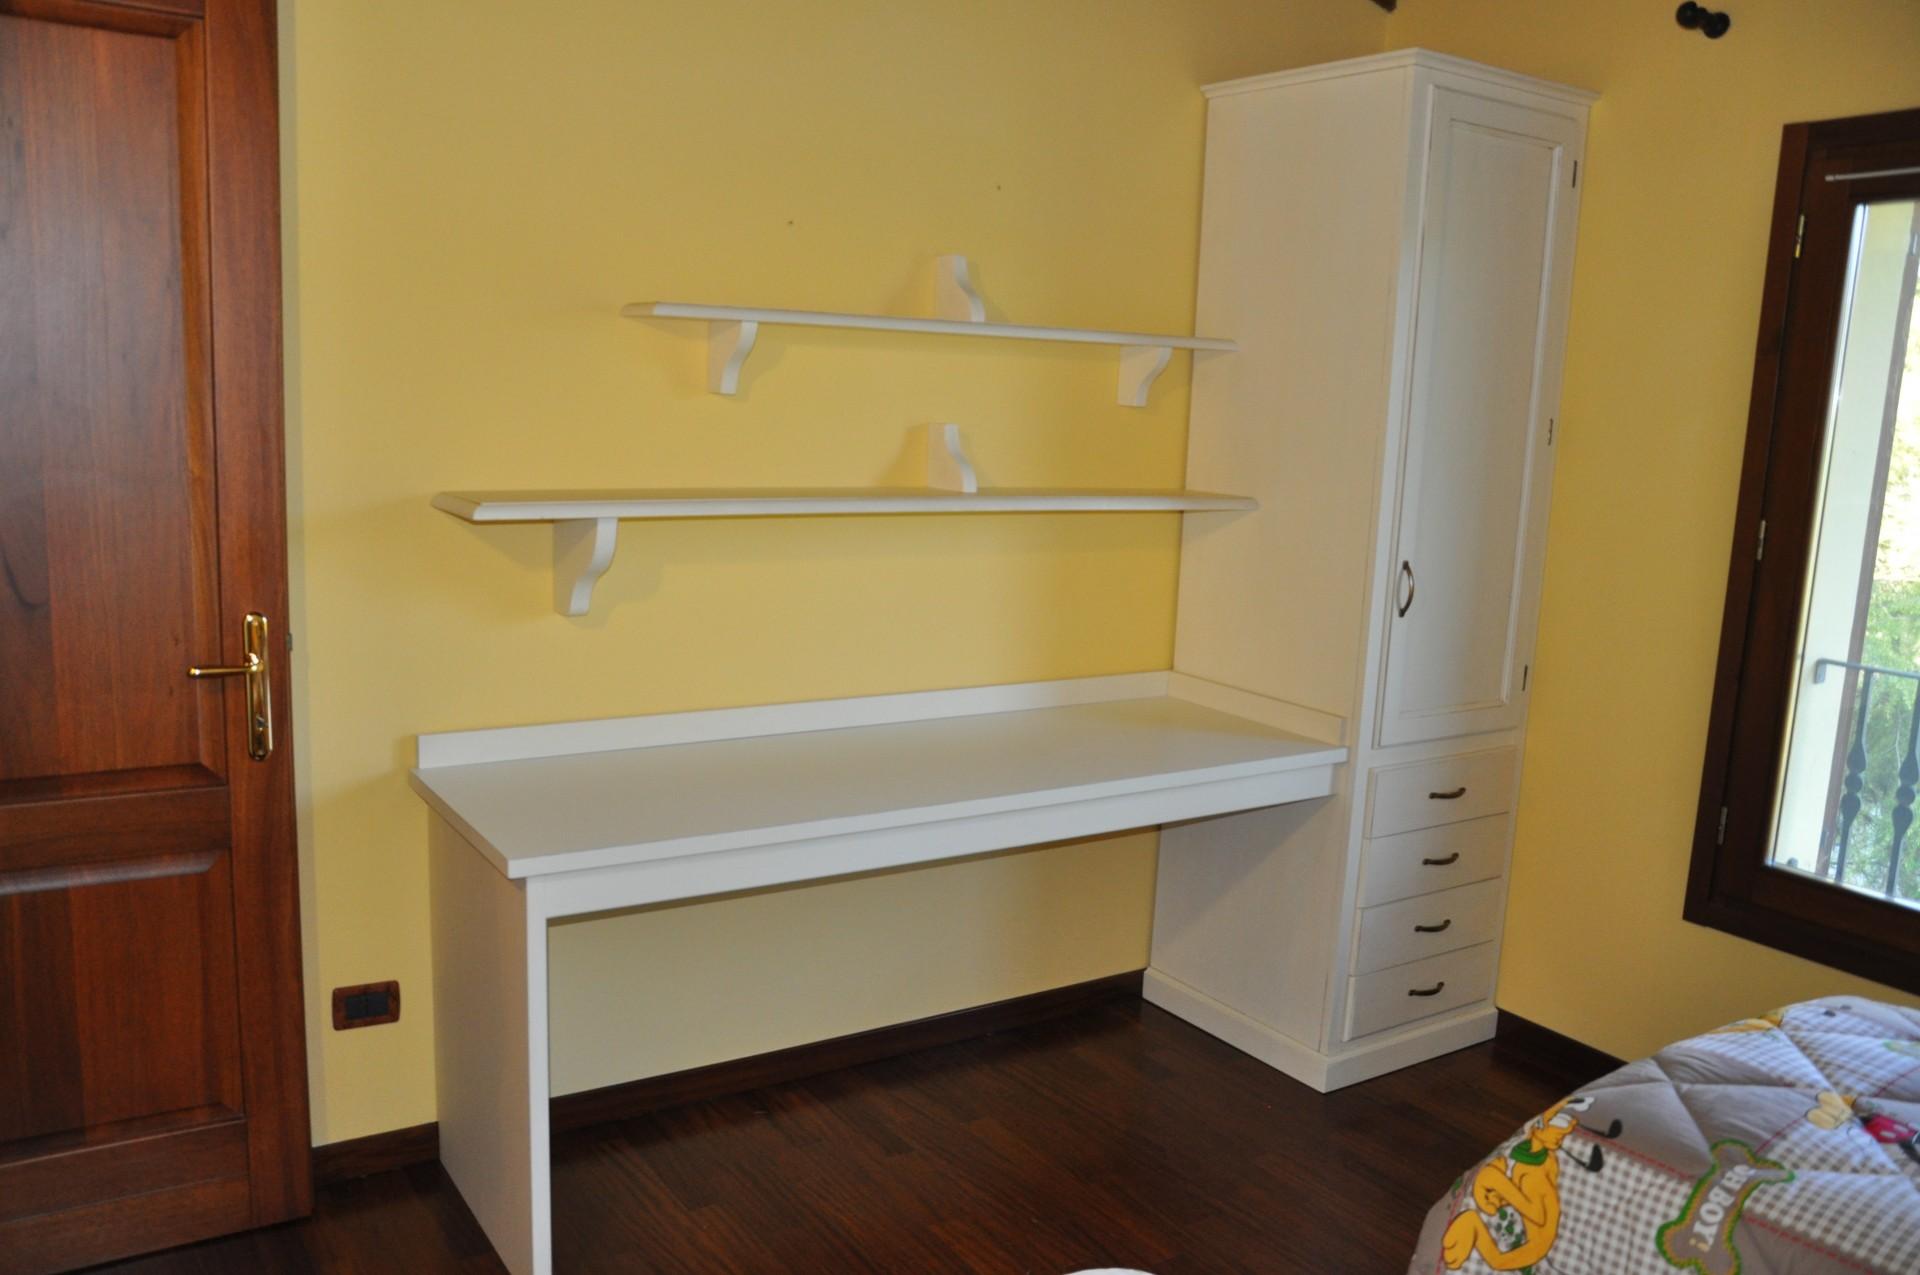 Camere bambino fadini mobili cerea verona - Pomelli per mobili bambini ...